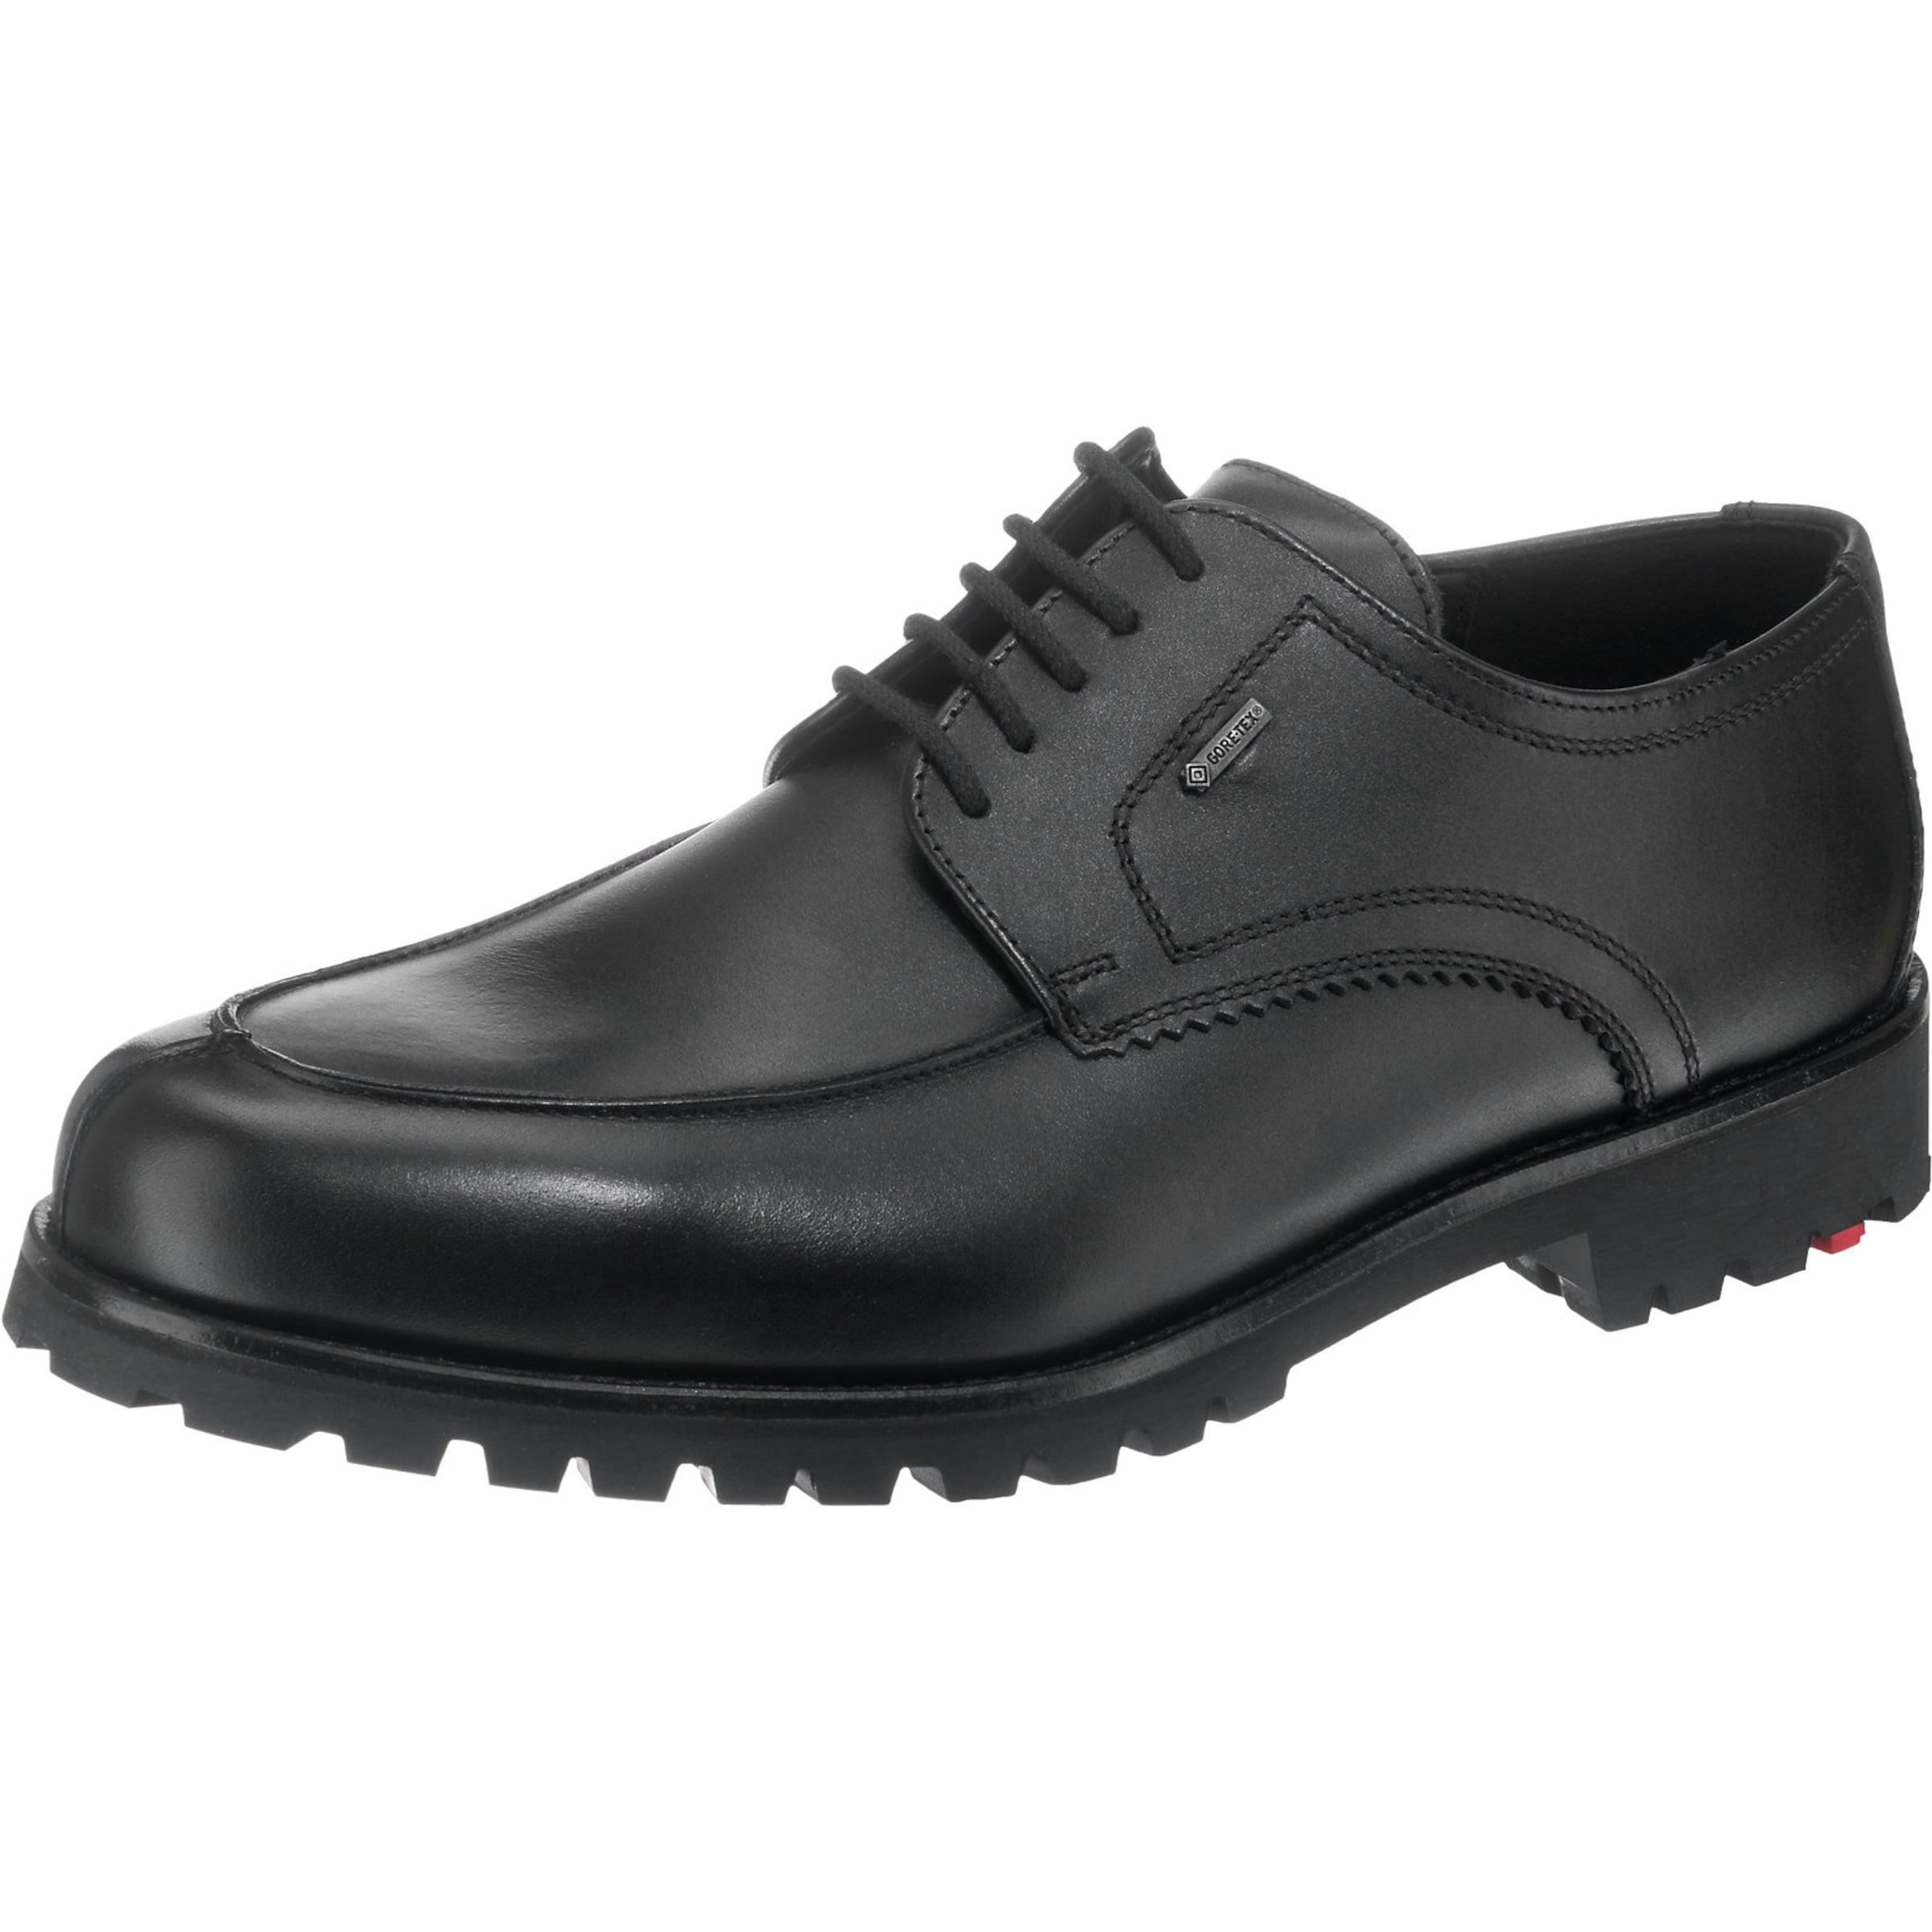 Haltbare Mode billige Schuhe LLOYD | Valdez Business Schuhe Schuhe Gut getragene Schuhe